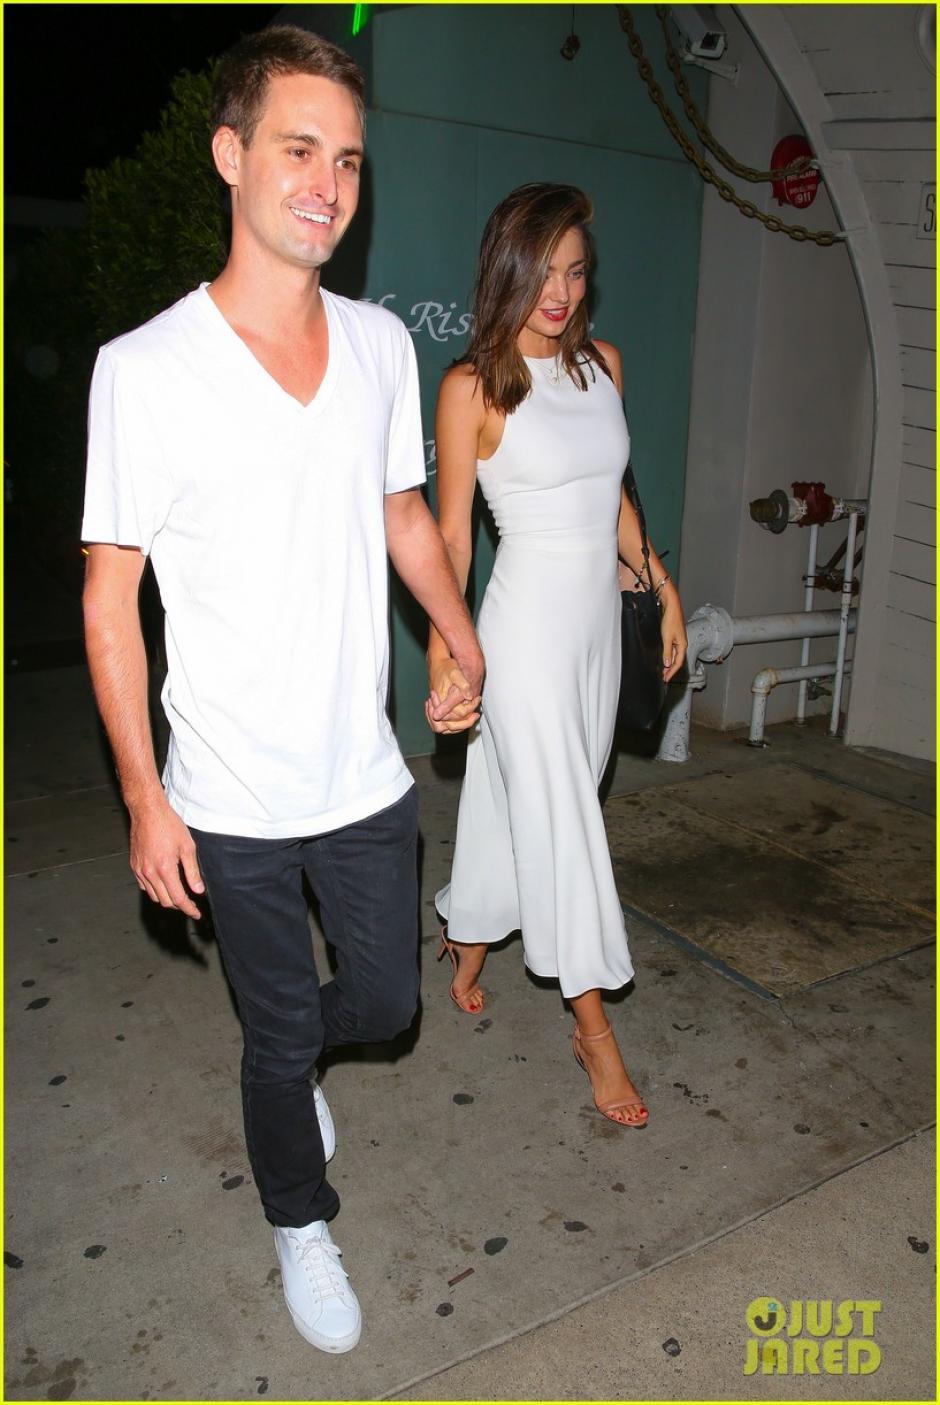 Ambos se miran muy bien juntos. (Foto: celebuzz.com)